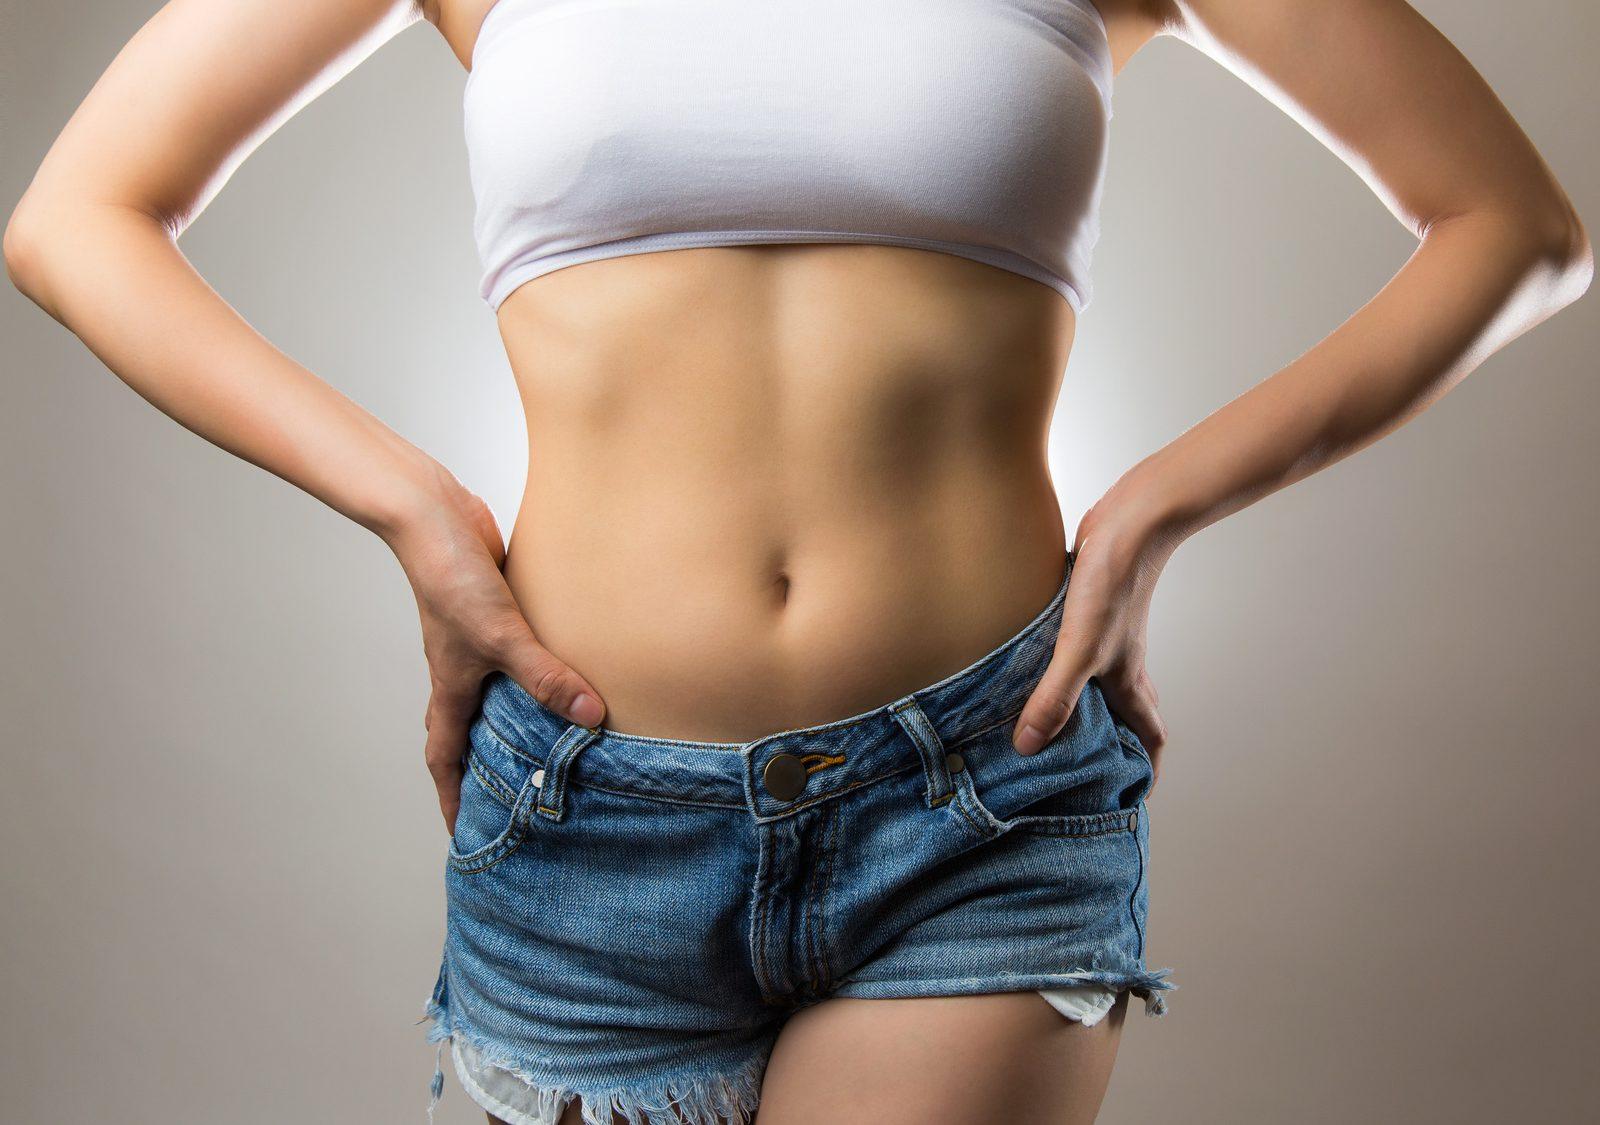 腹筋の筋肉痛を解消する方法5つ!効果的なストレッチ方法を紹介